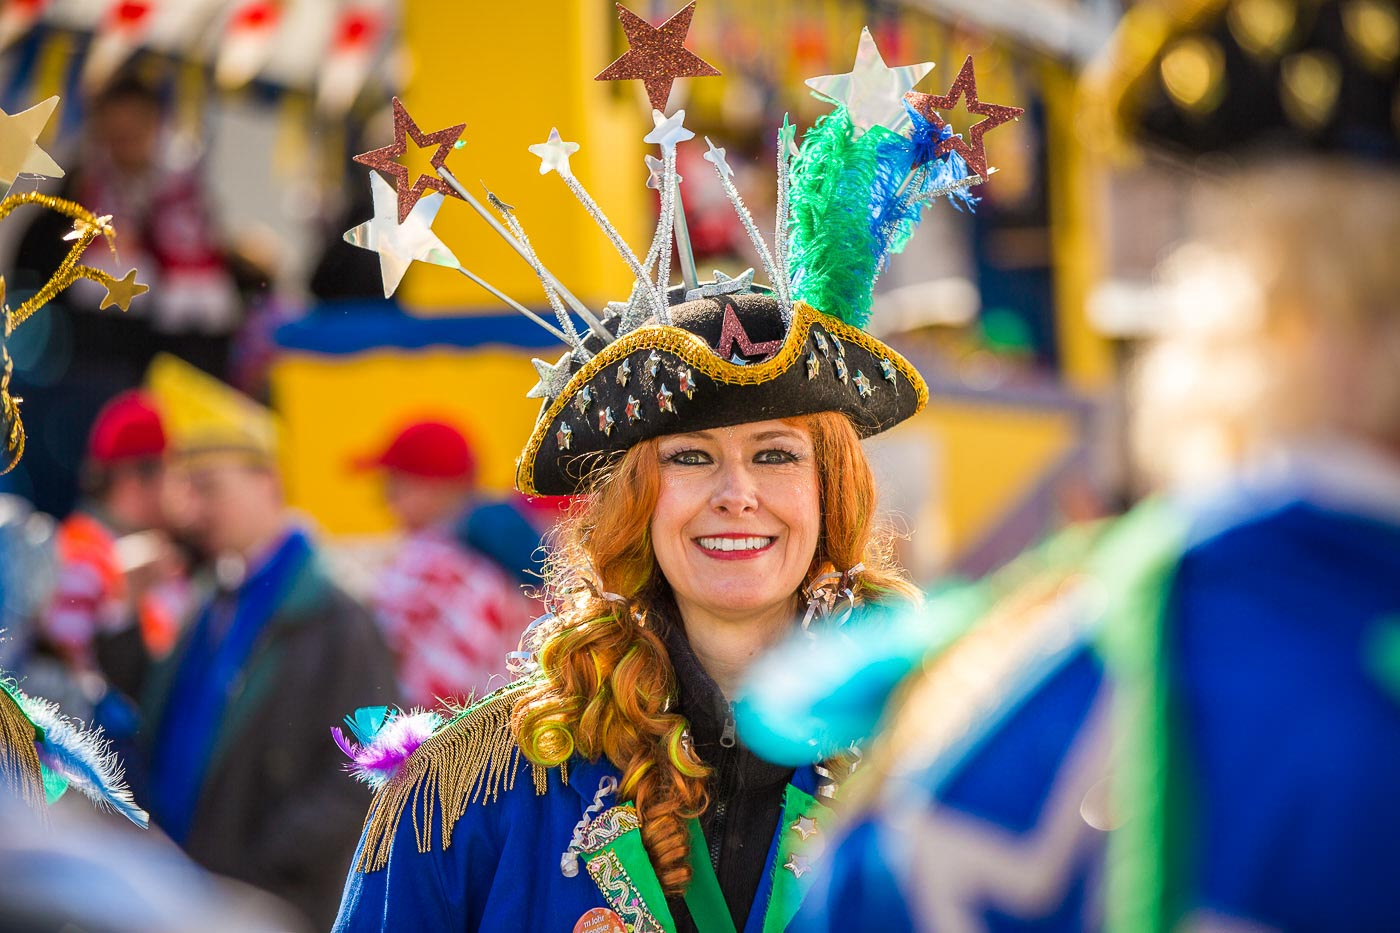 foto-festival-karneval-101